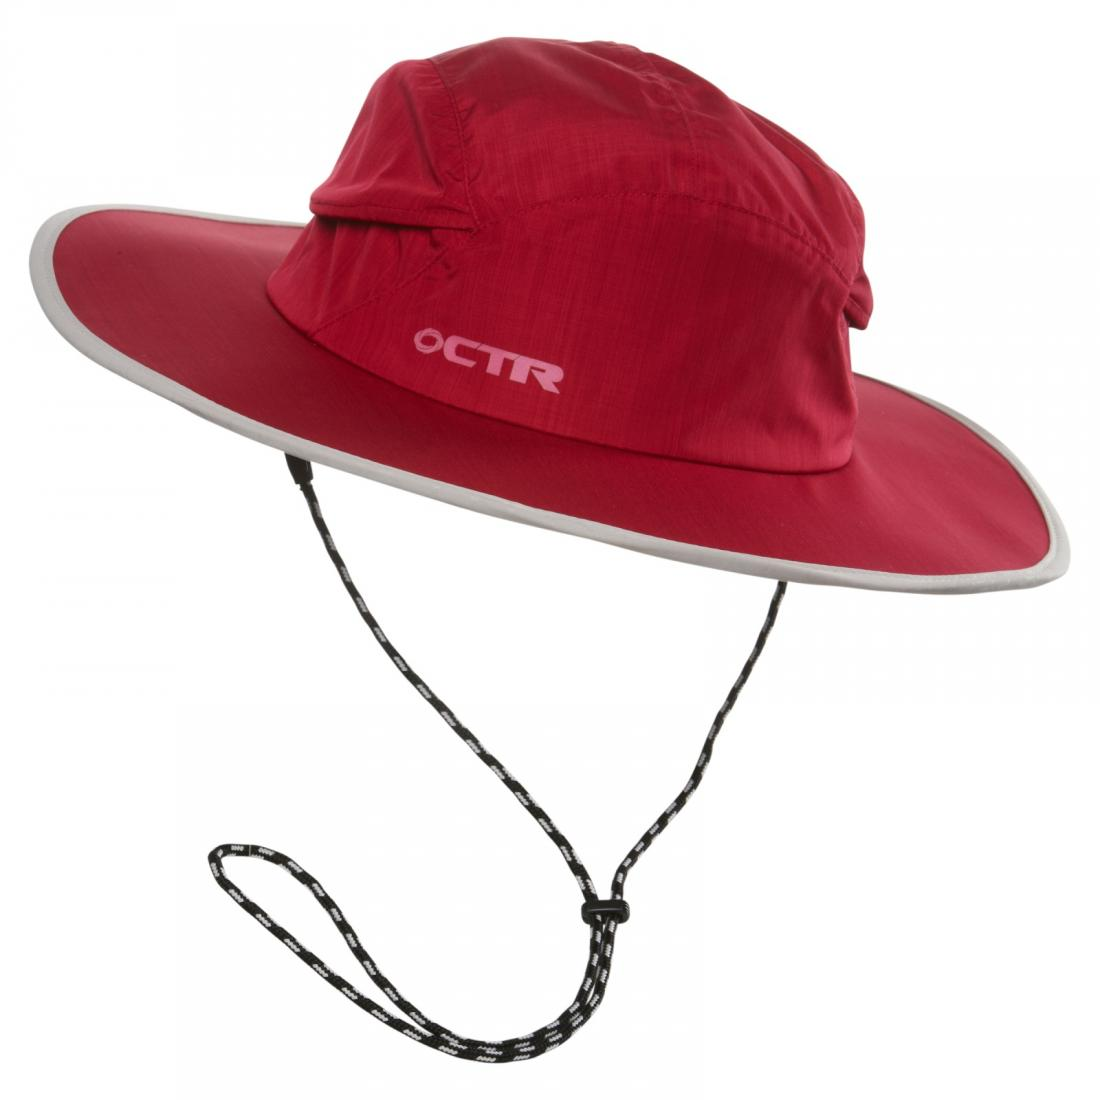 Панама Chaos  Stratus SombreroПанамы<br><br> В путешествии, в походе или в длительной прогулке сложно обойтись без удобной панамы, такой как Chaos Stratus Sombrero. Эта широкополая шляпа служит отличной защитой не только от обжигающих солнечных лучей, но и от дождя.<br><br><br> Особенност...<br><br>Цвет: Красный<br>Размер: L-XL